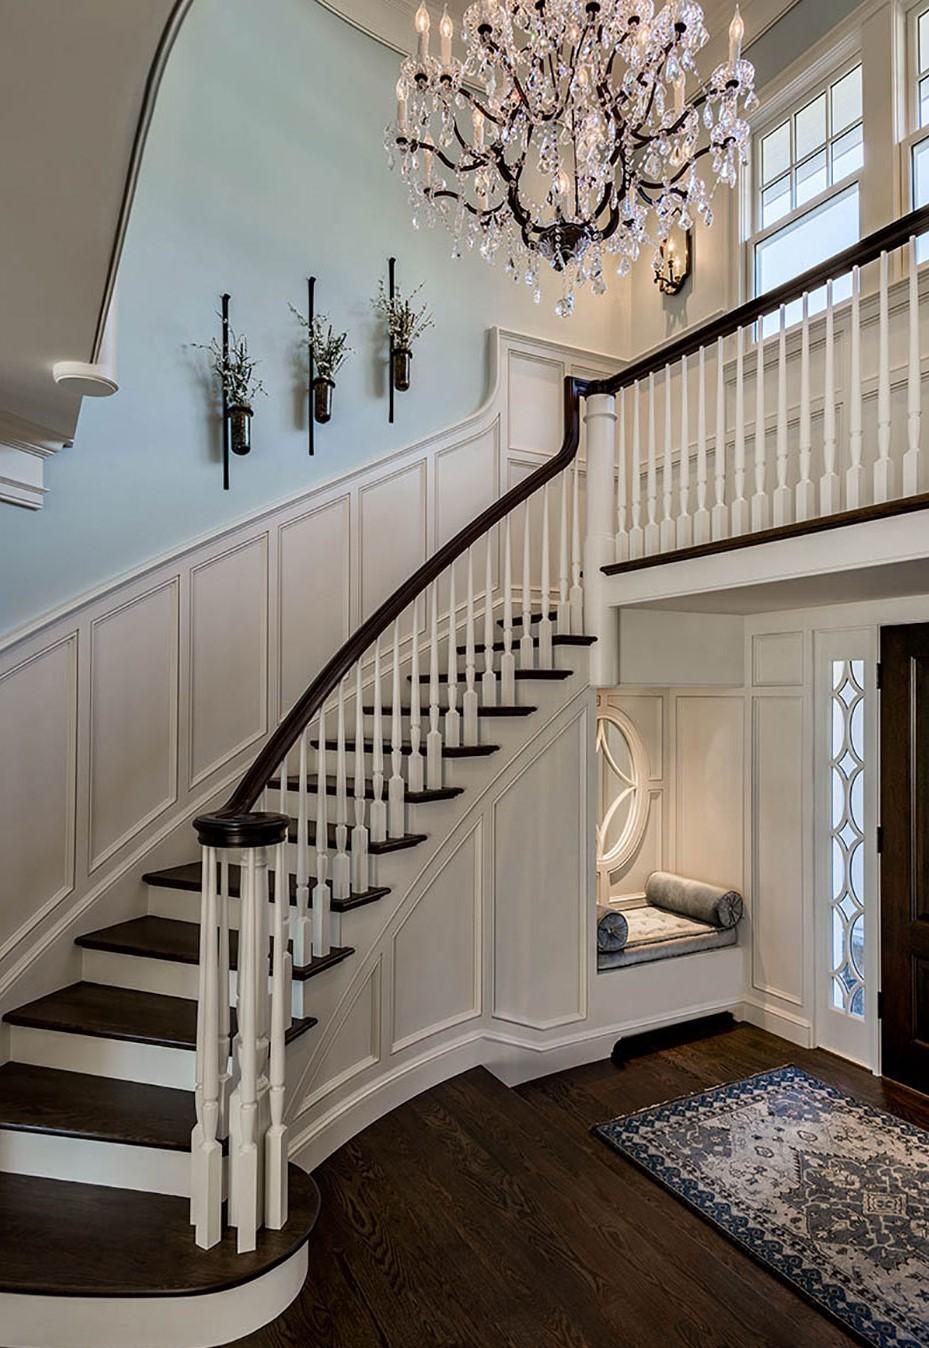 Ajoutez des décorations sur les murs qui entorent votre escalier.